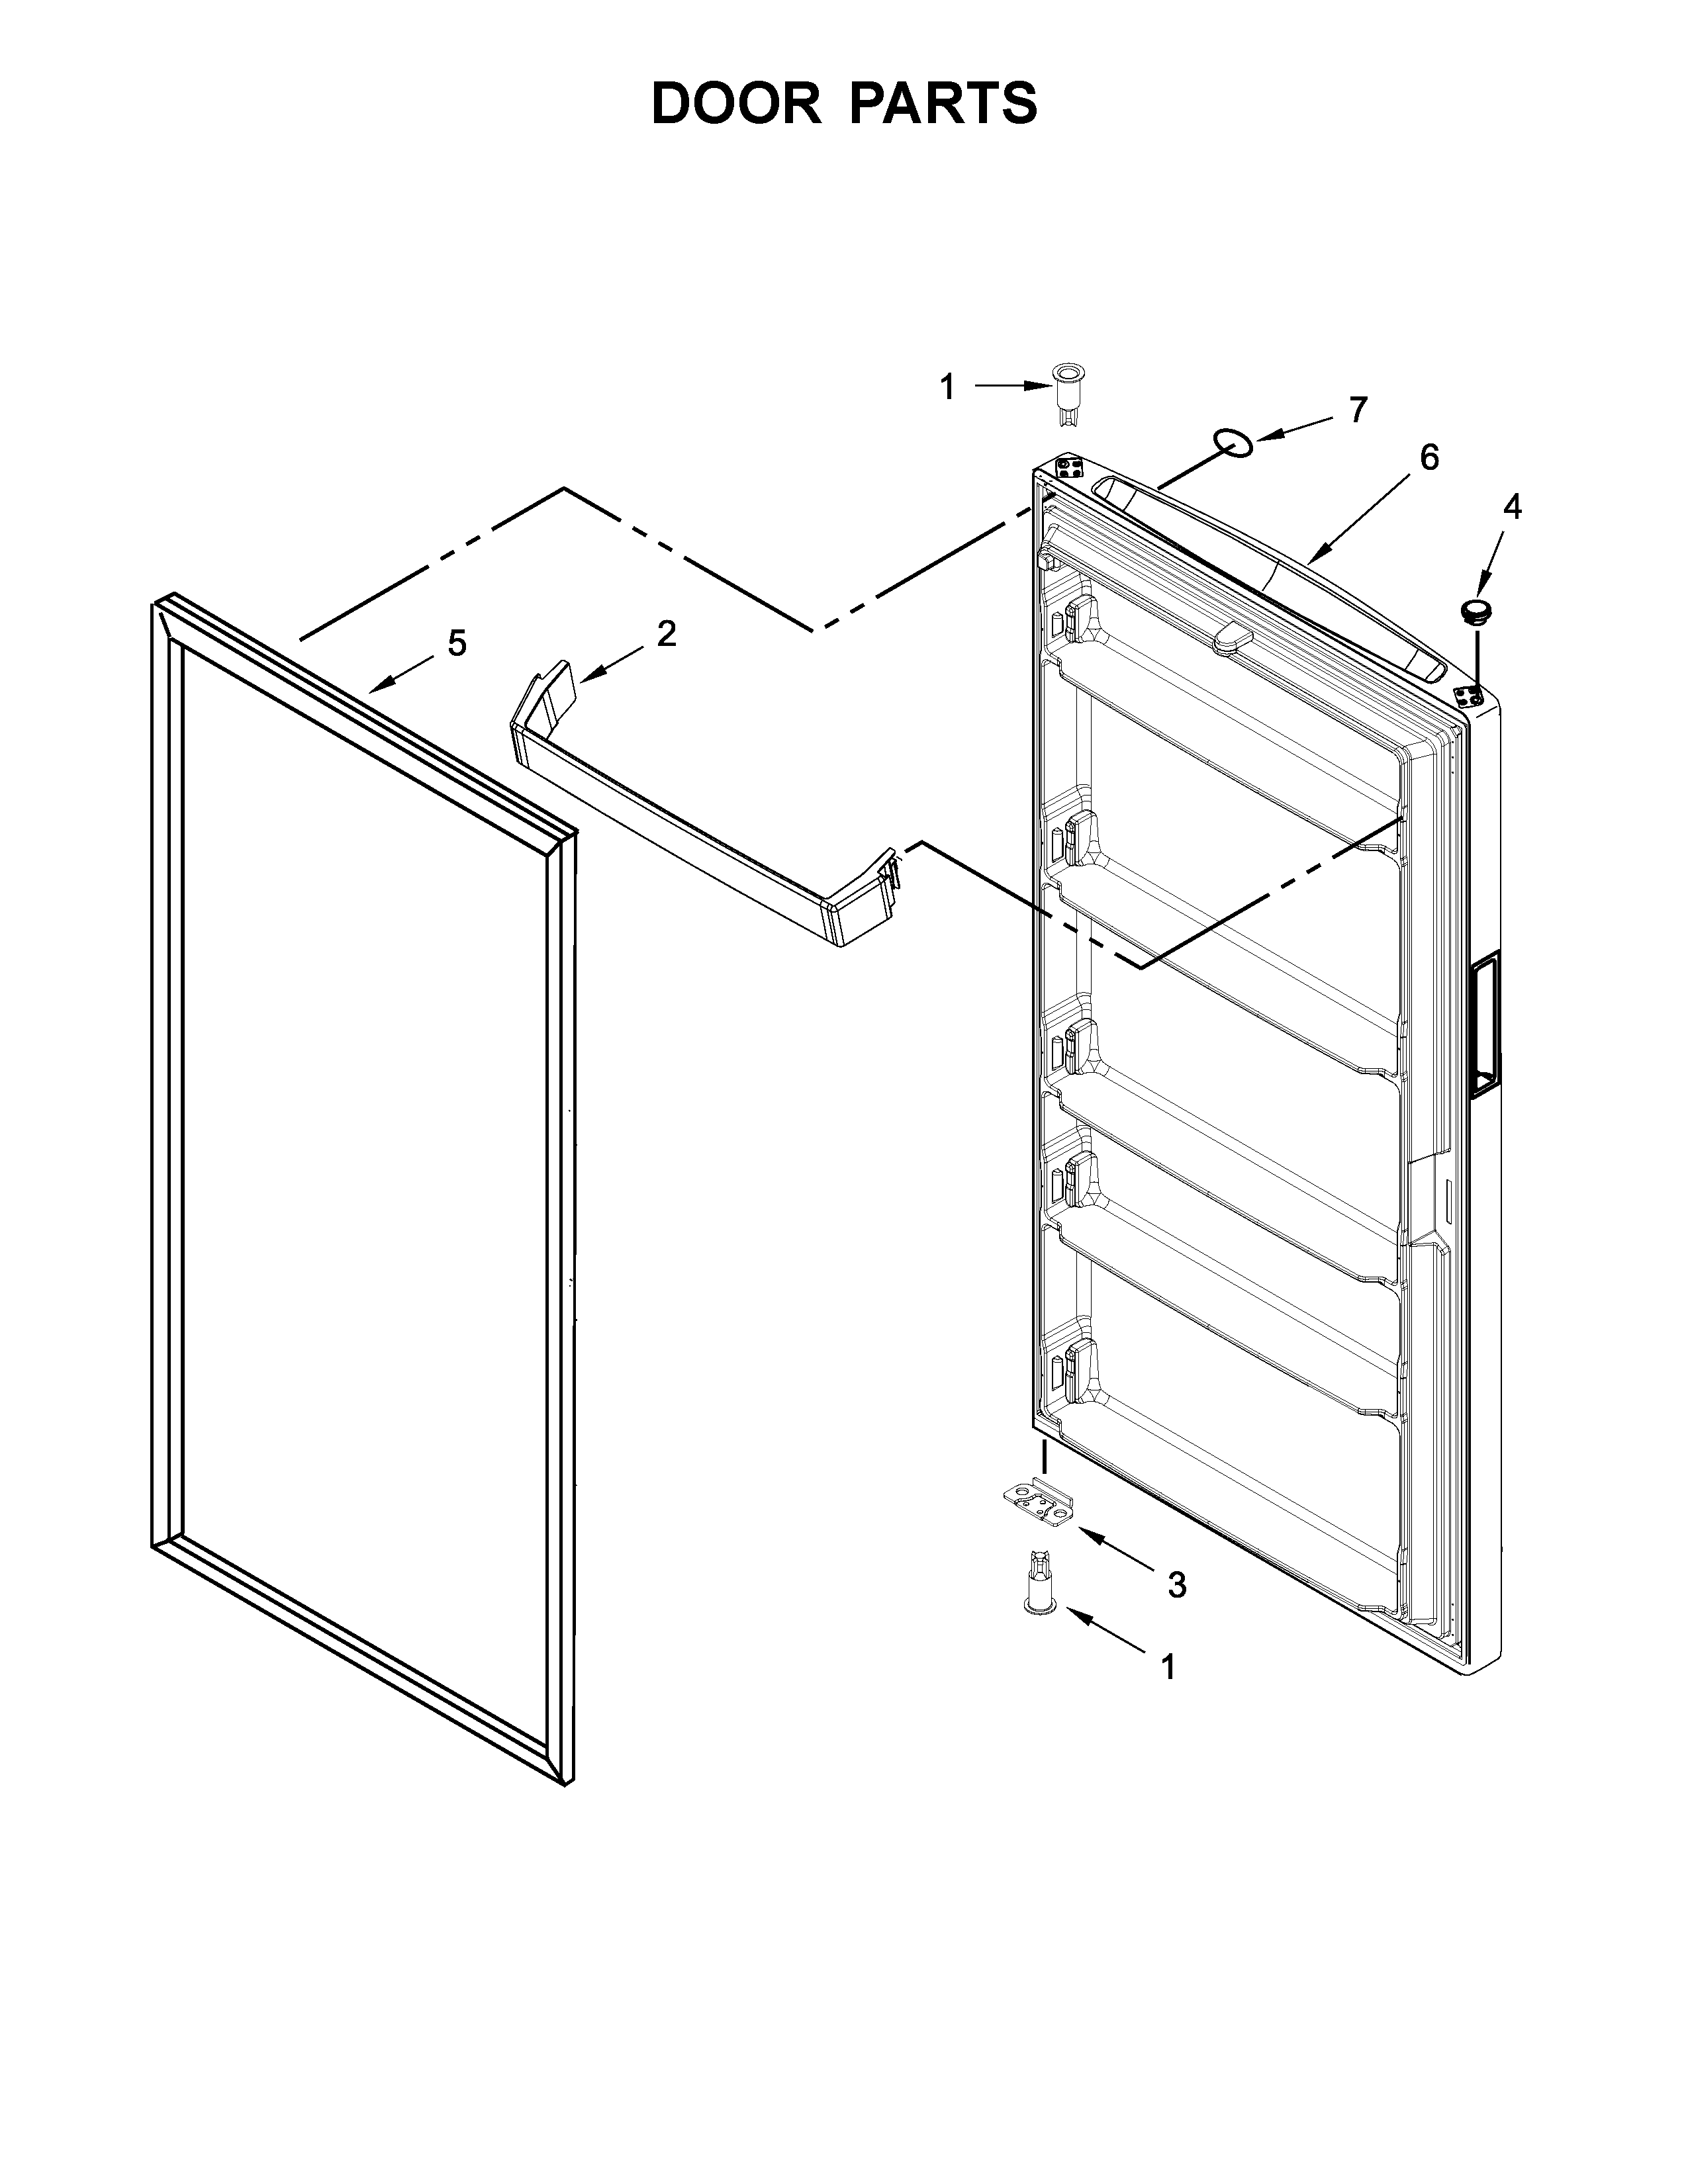 Whirlpool  Upright Freezer  Door parts